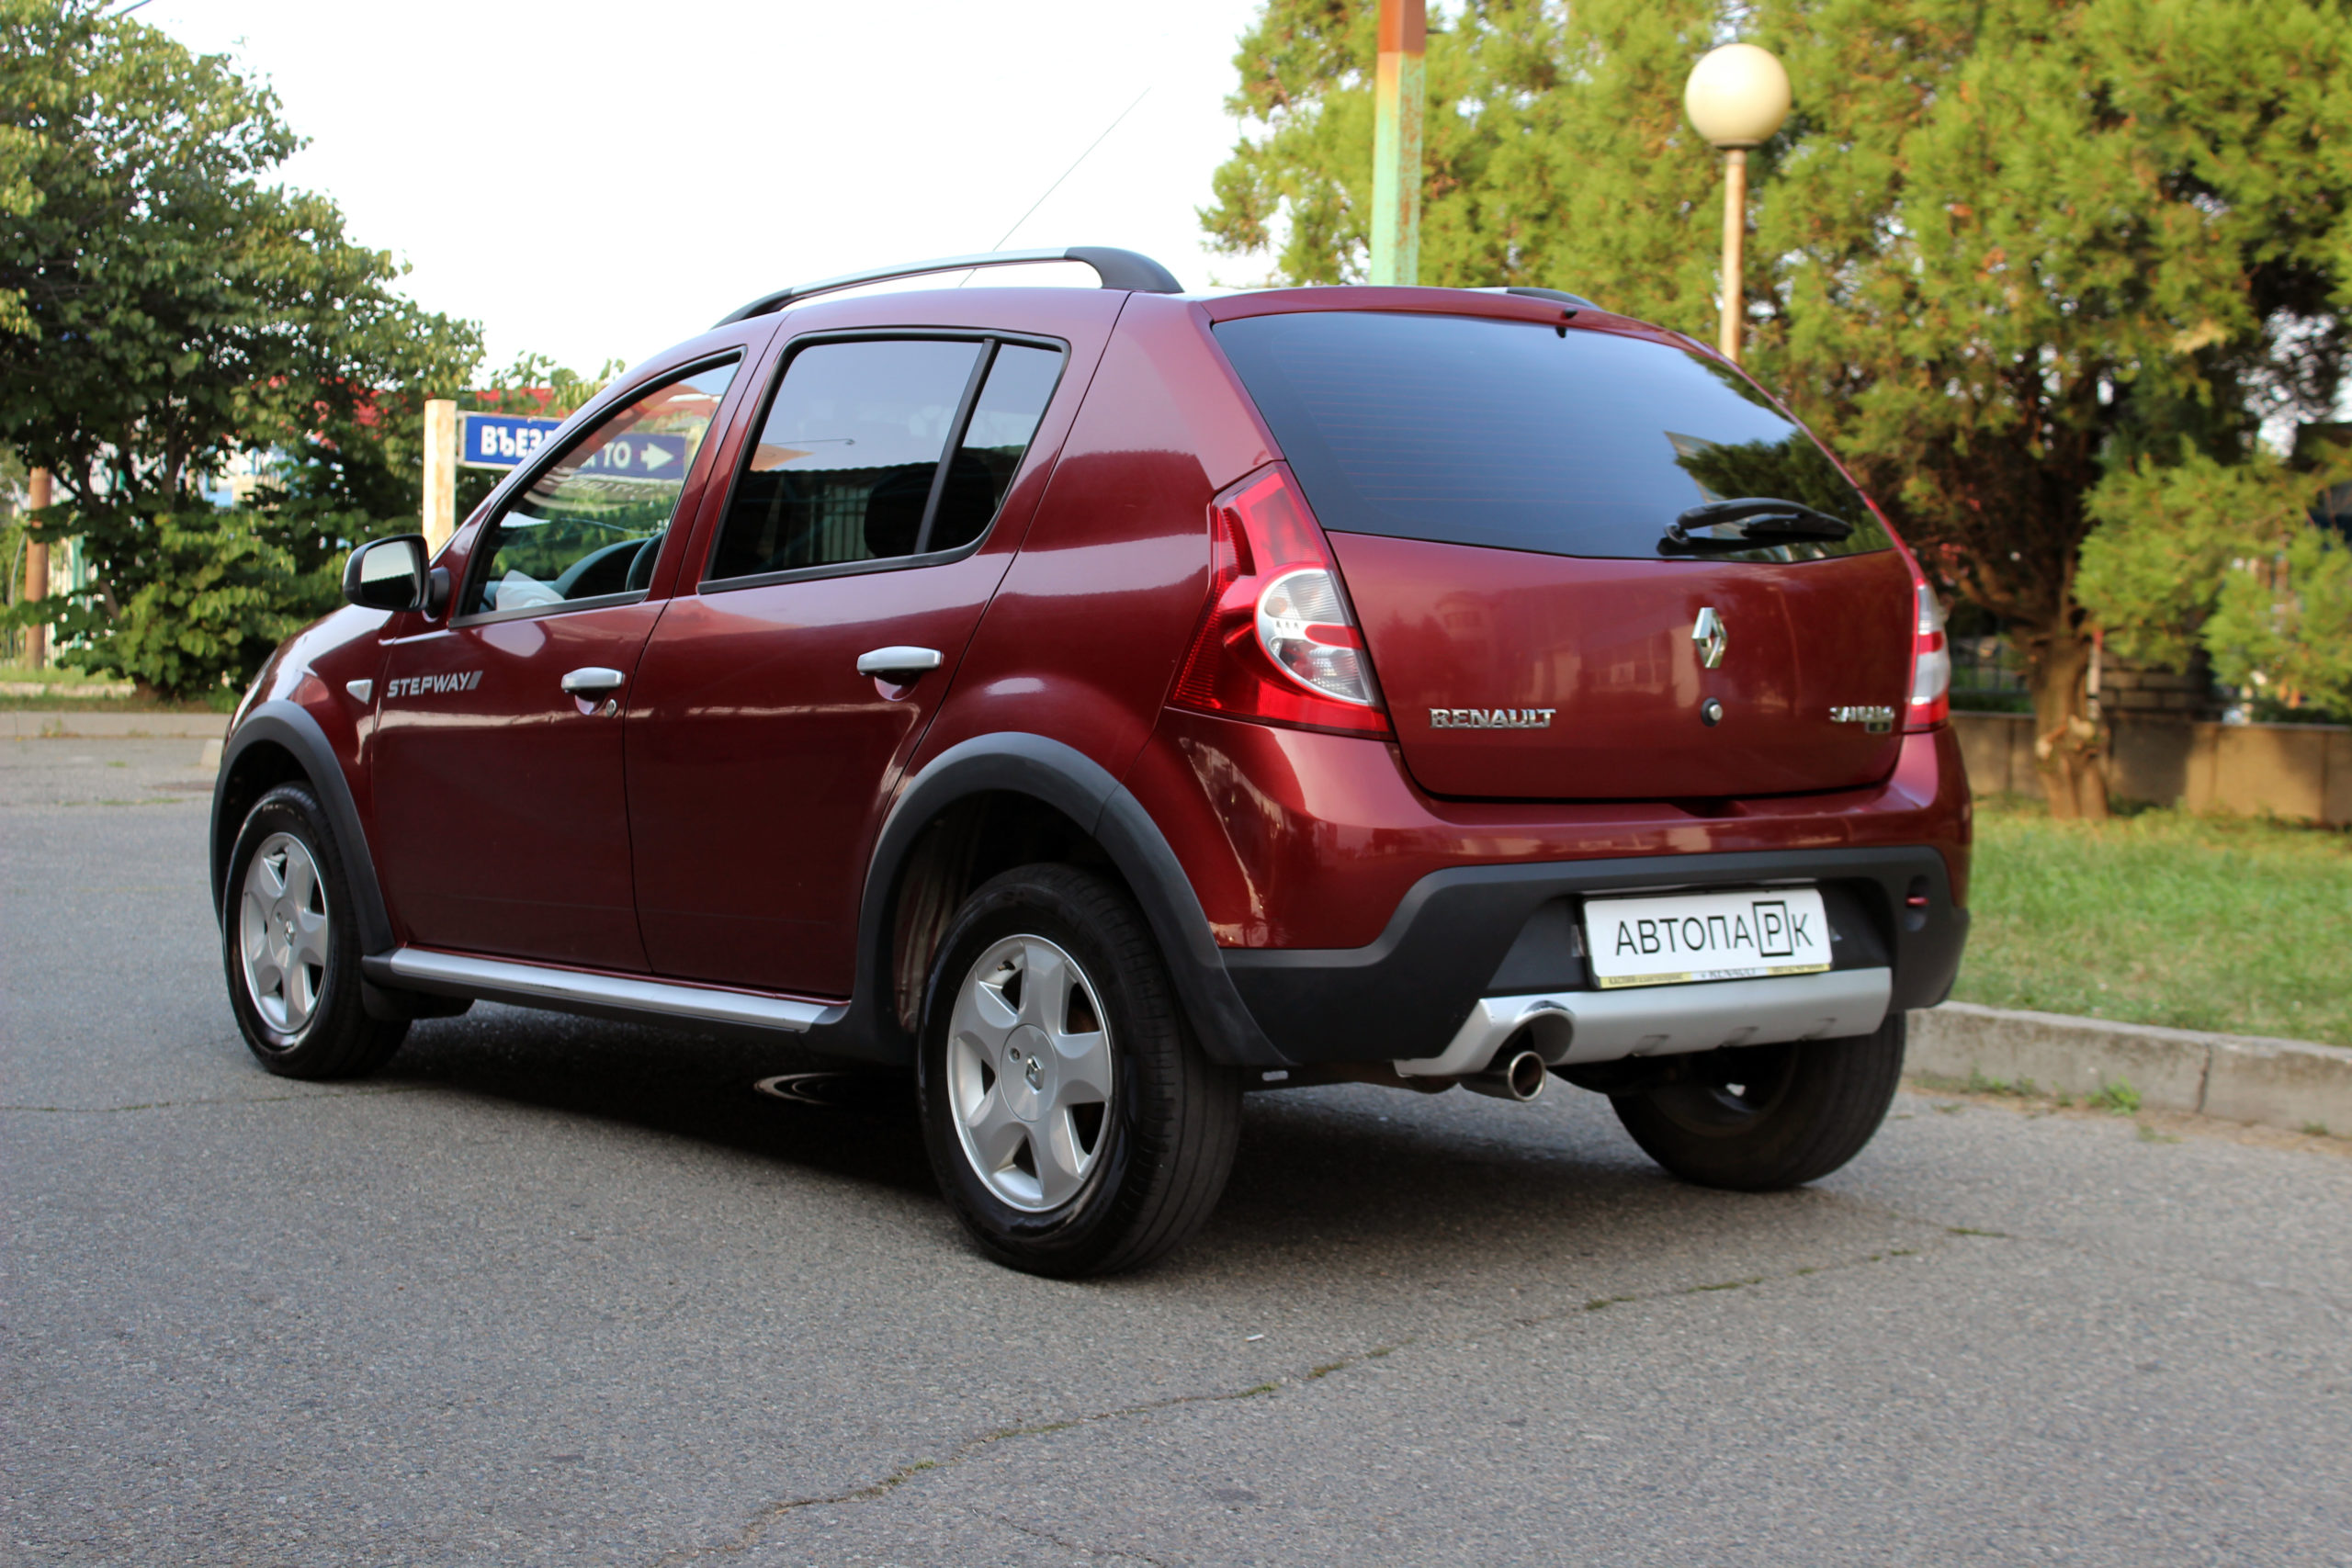 Купить Renault Sandero Stepway (Красный) - Автопарк Ставрополь